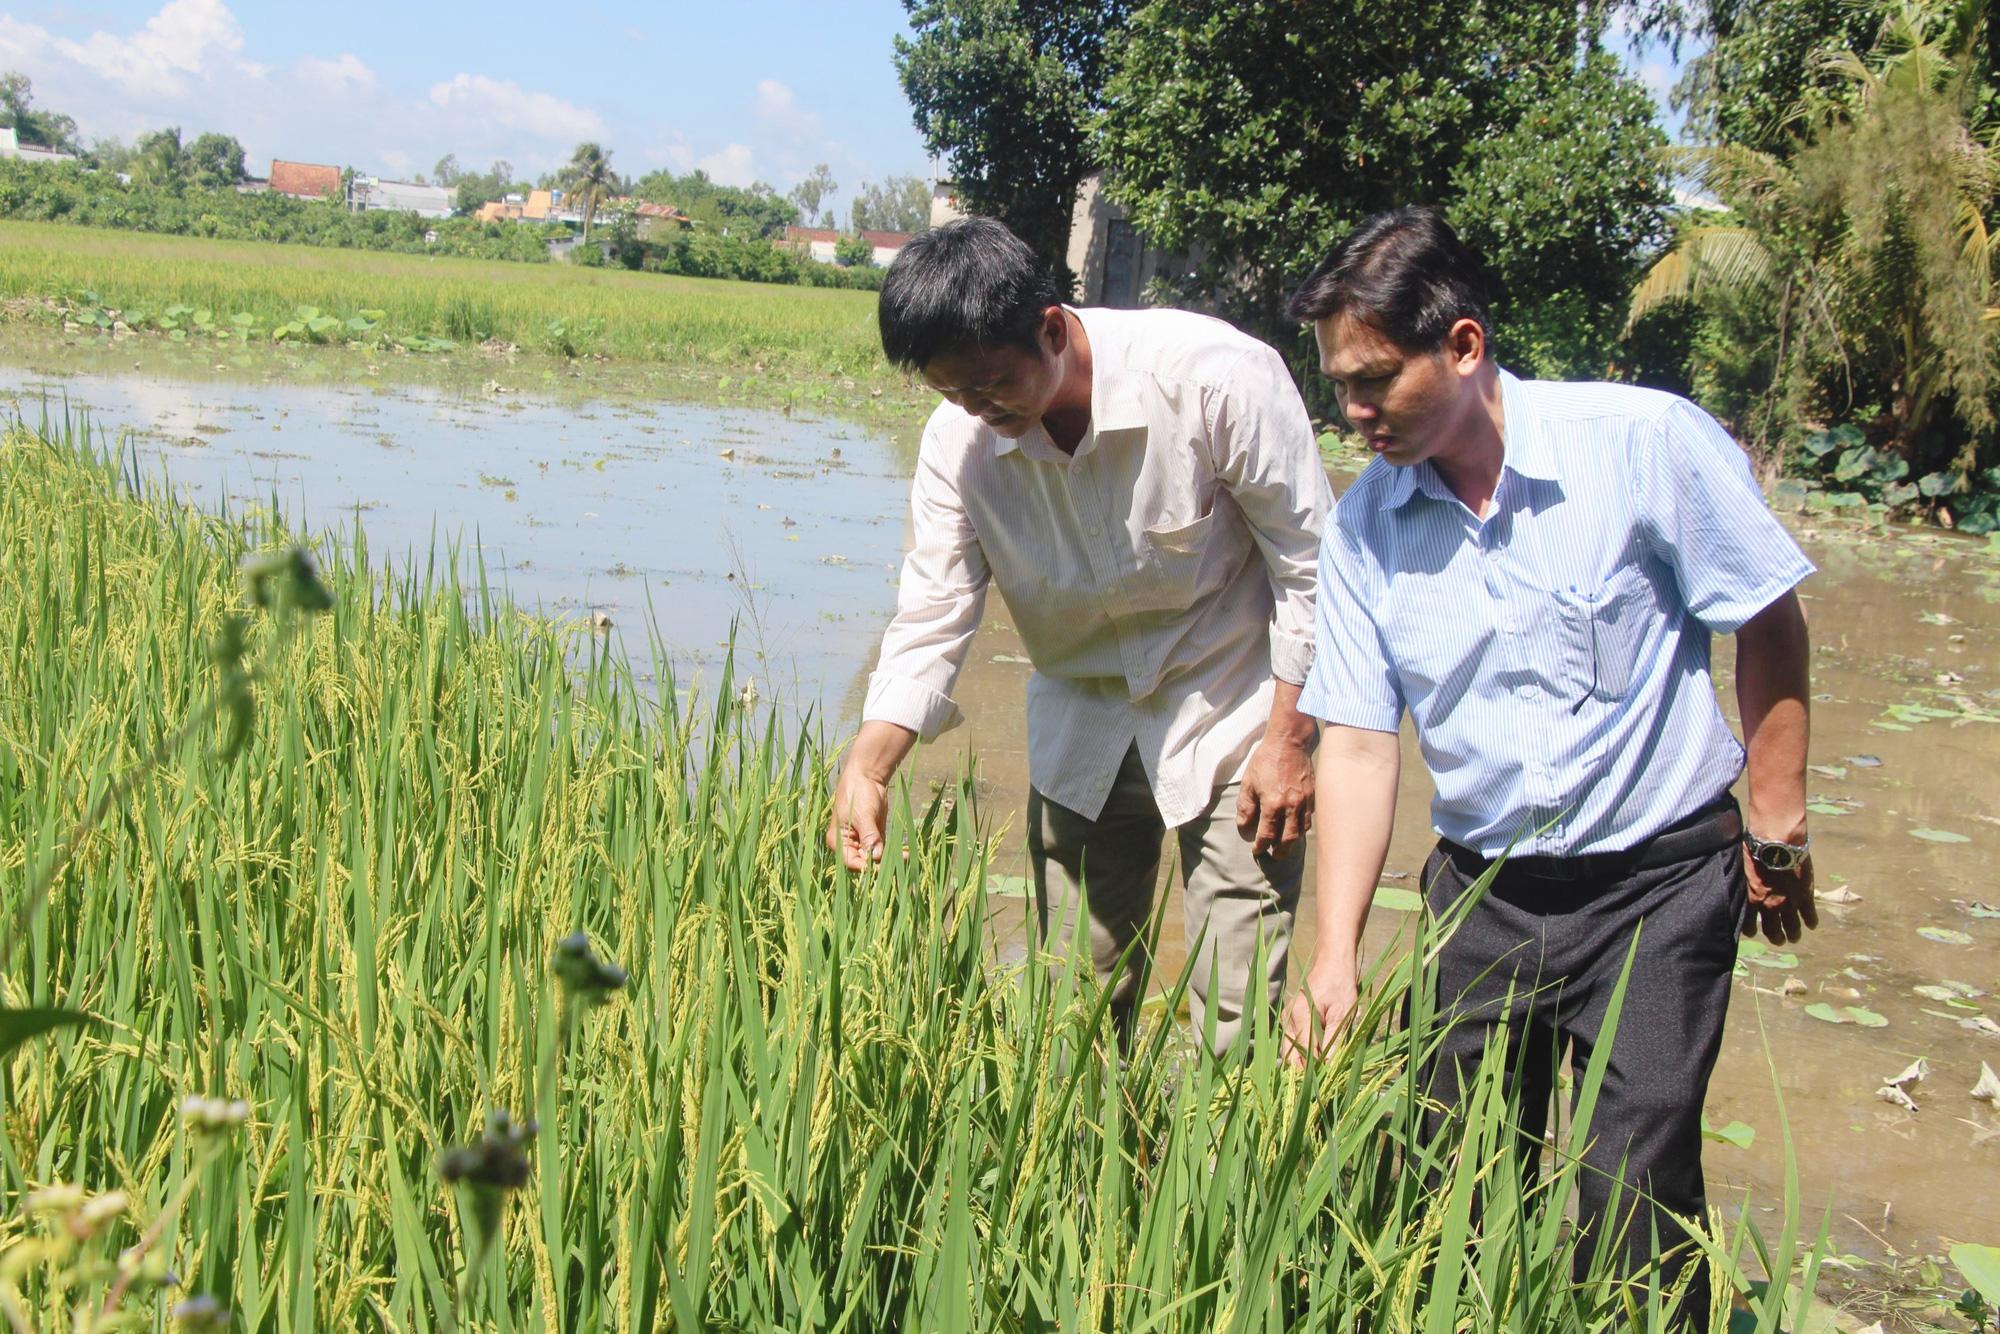 Bí quyết của thầy giáo nghèo trở thành nông dân xuất sắc toàn quốc - Ảnh 4.